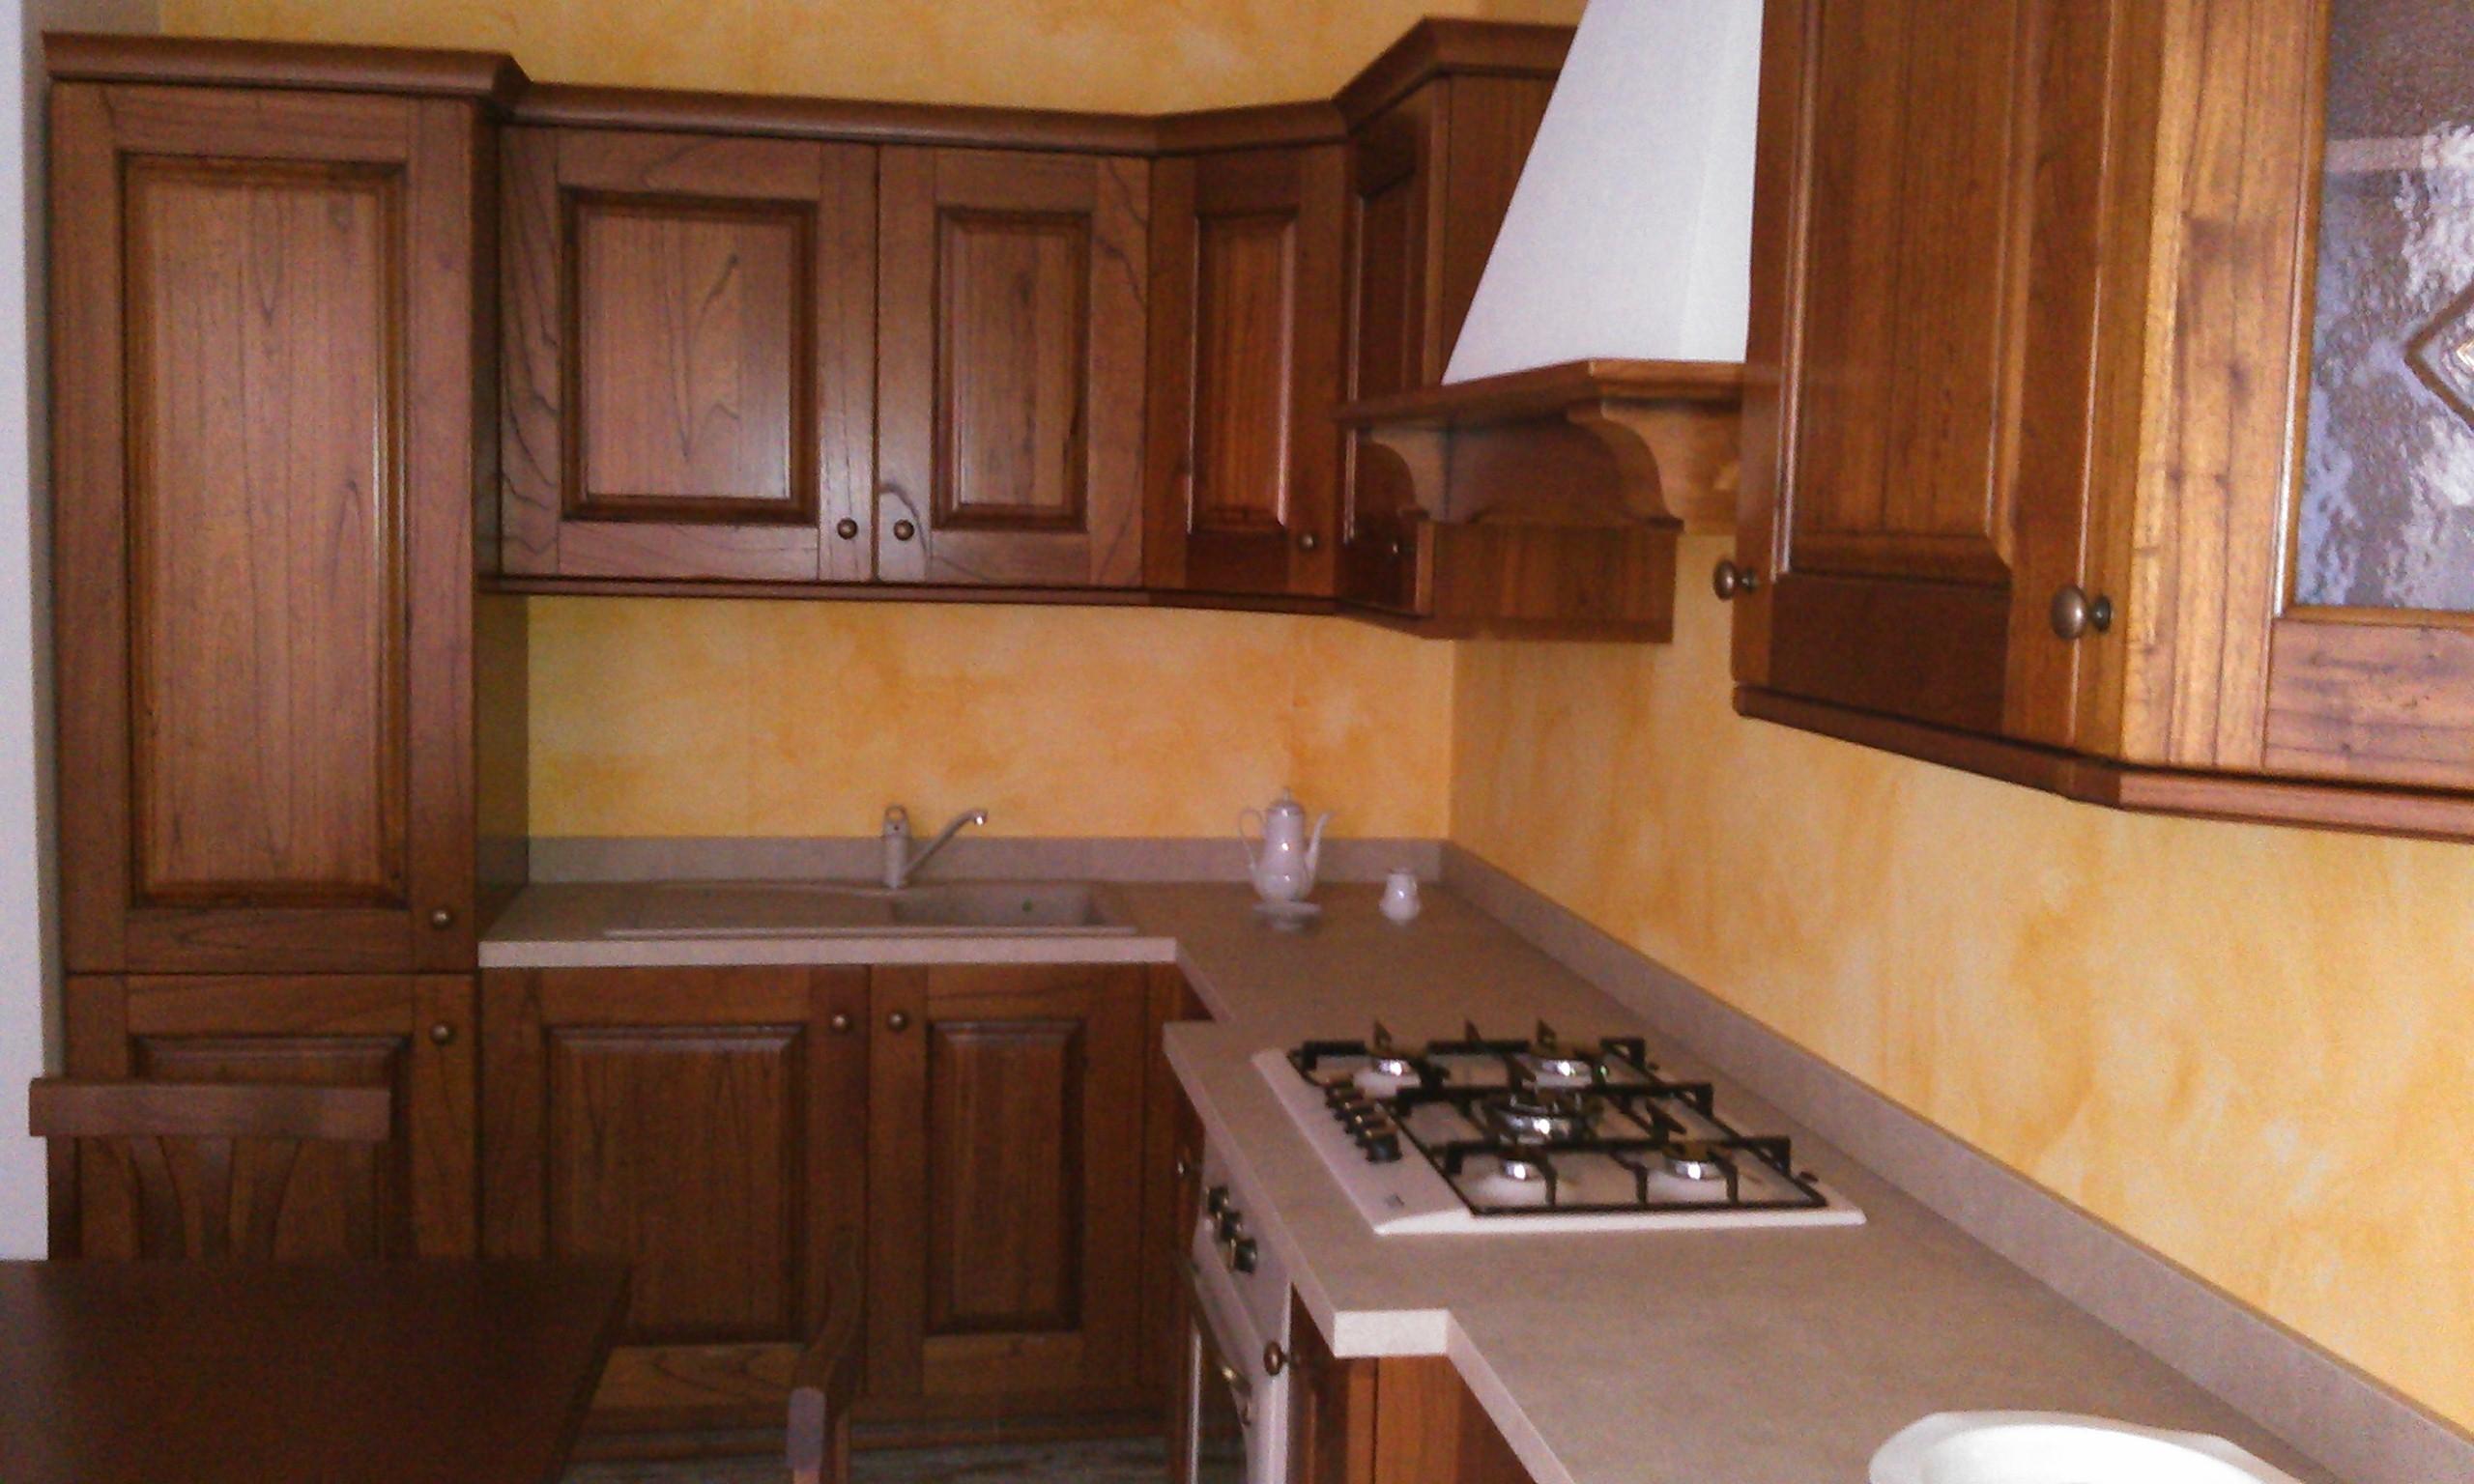 Cucina Arrex-1 Cucina classica Classica - Cucine a prezzi scontati